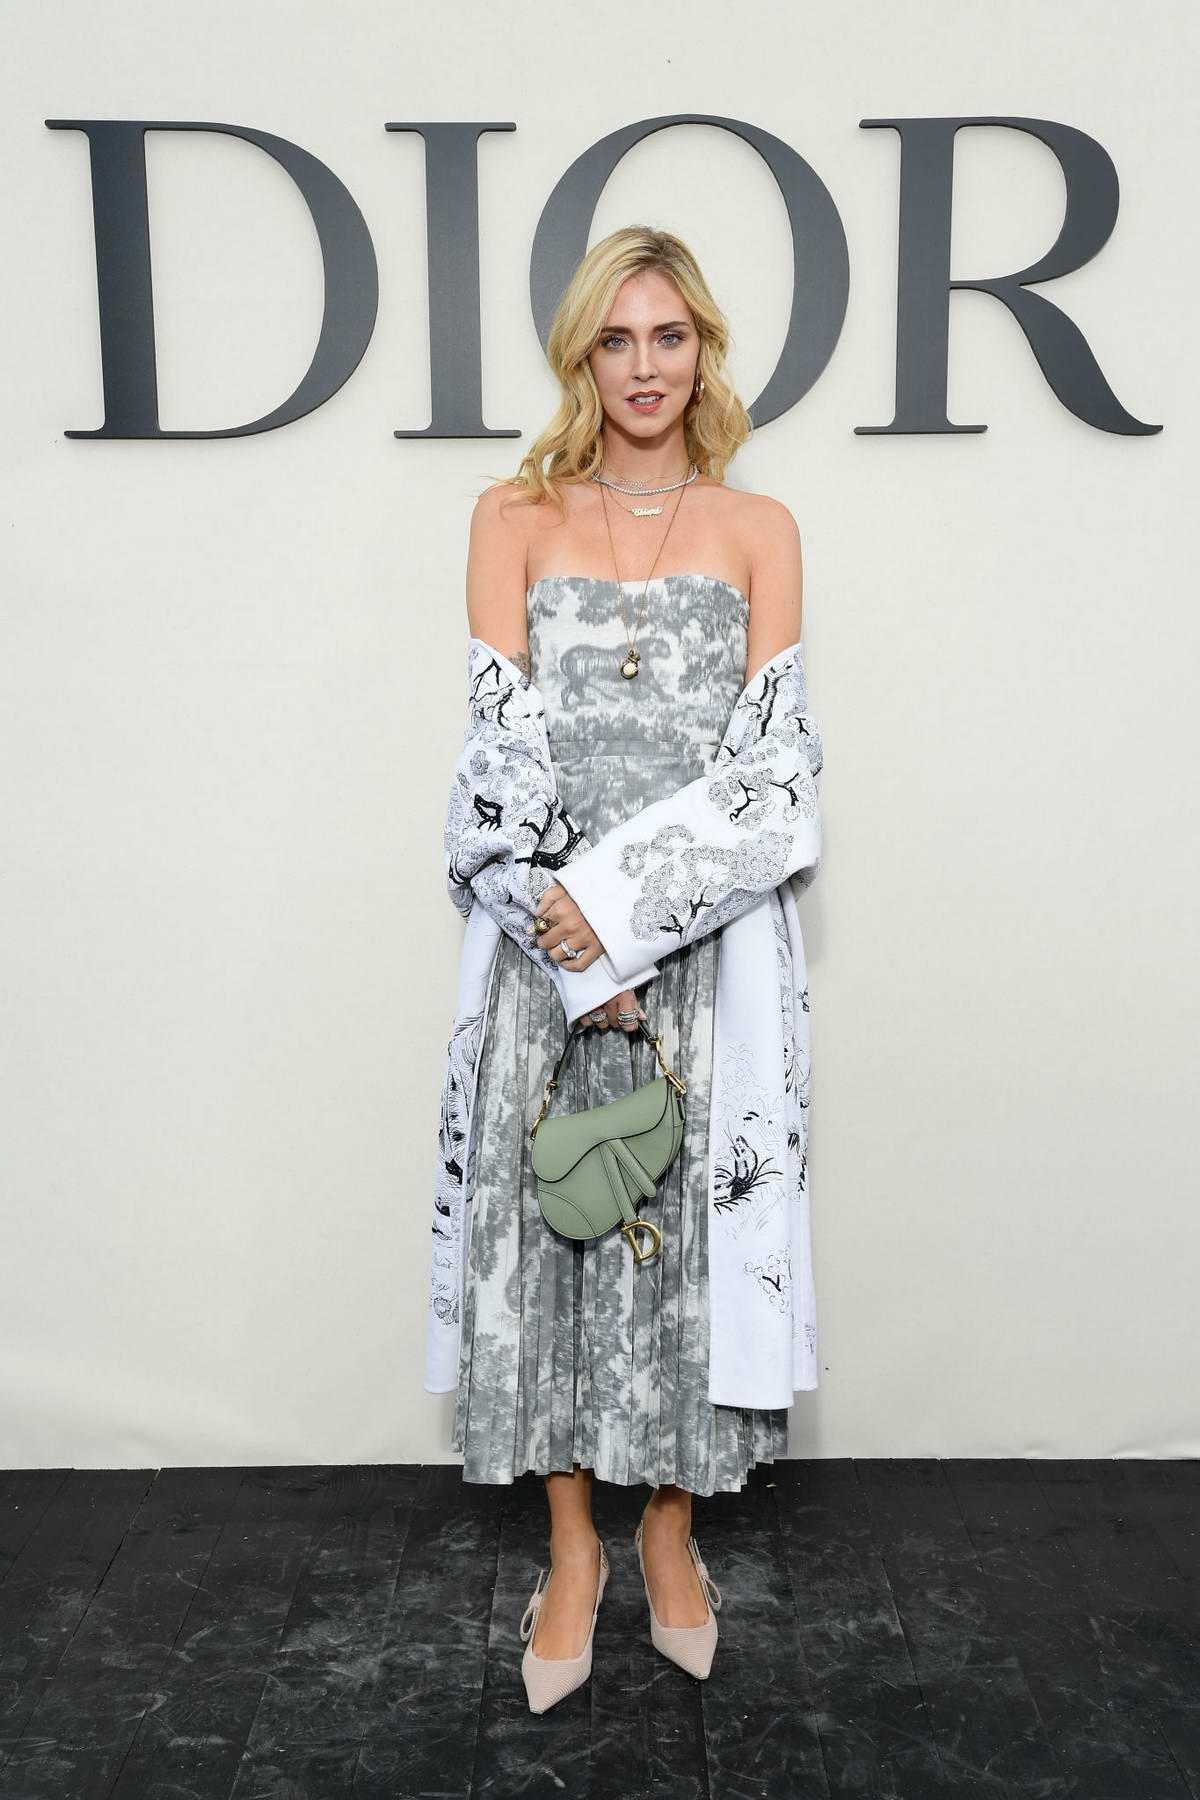 Chiara Ferragni attends the Christian Dior Show during Paris Fashion Week in Paris, France